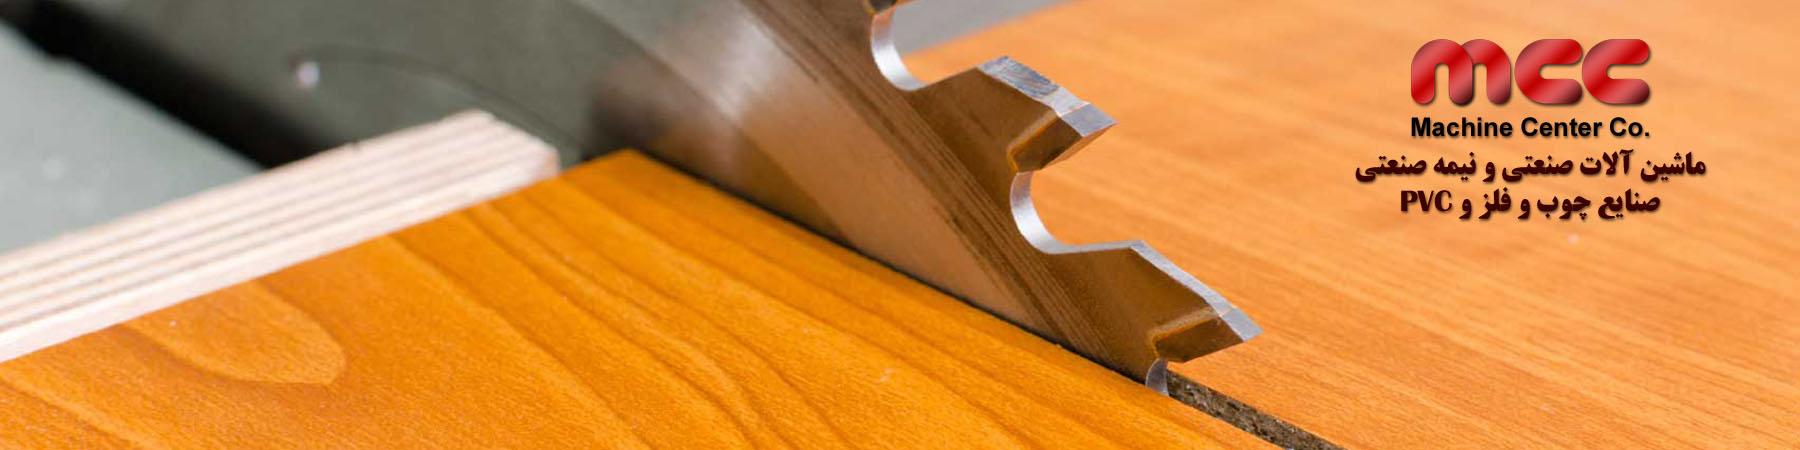 ماشین آلات چوب و فلز